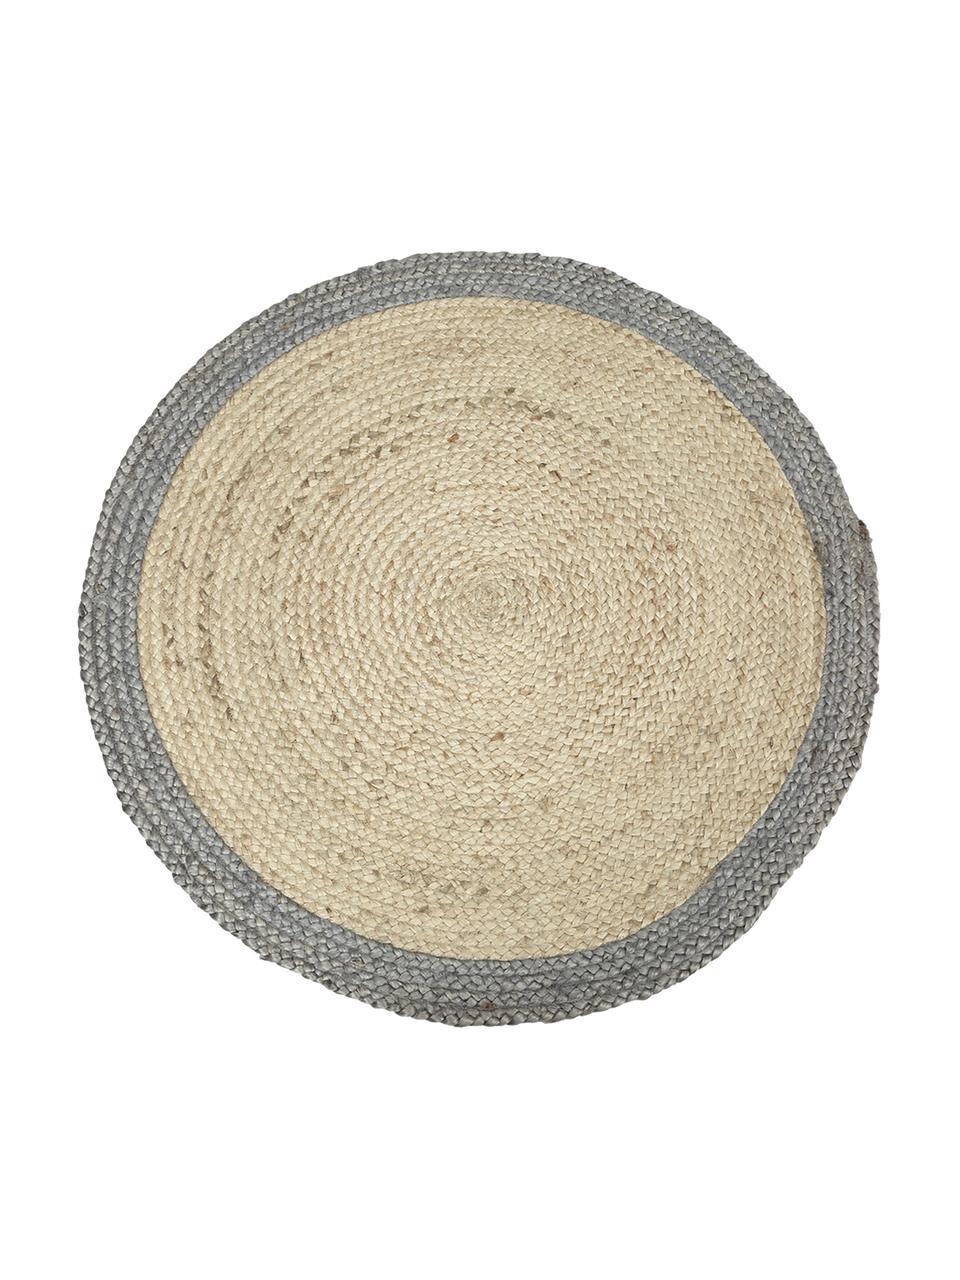 tapis rond en jute fait main shanta